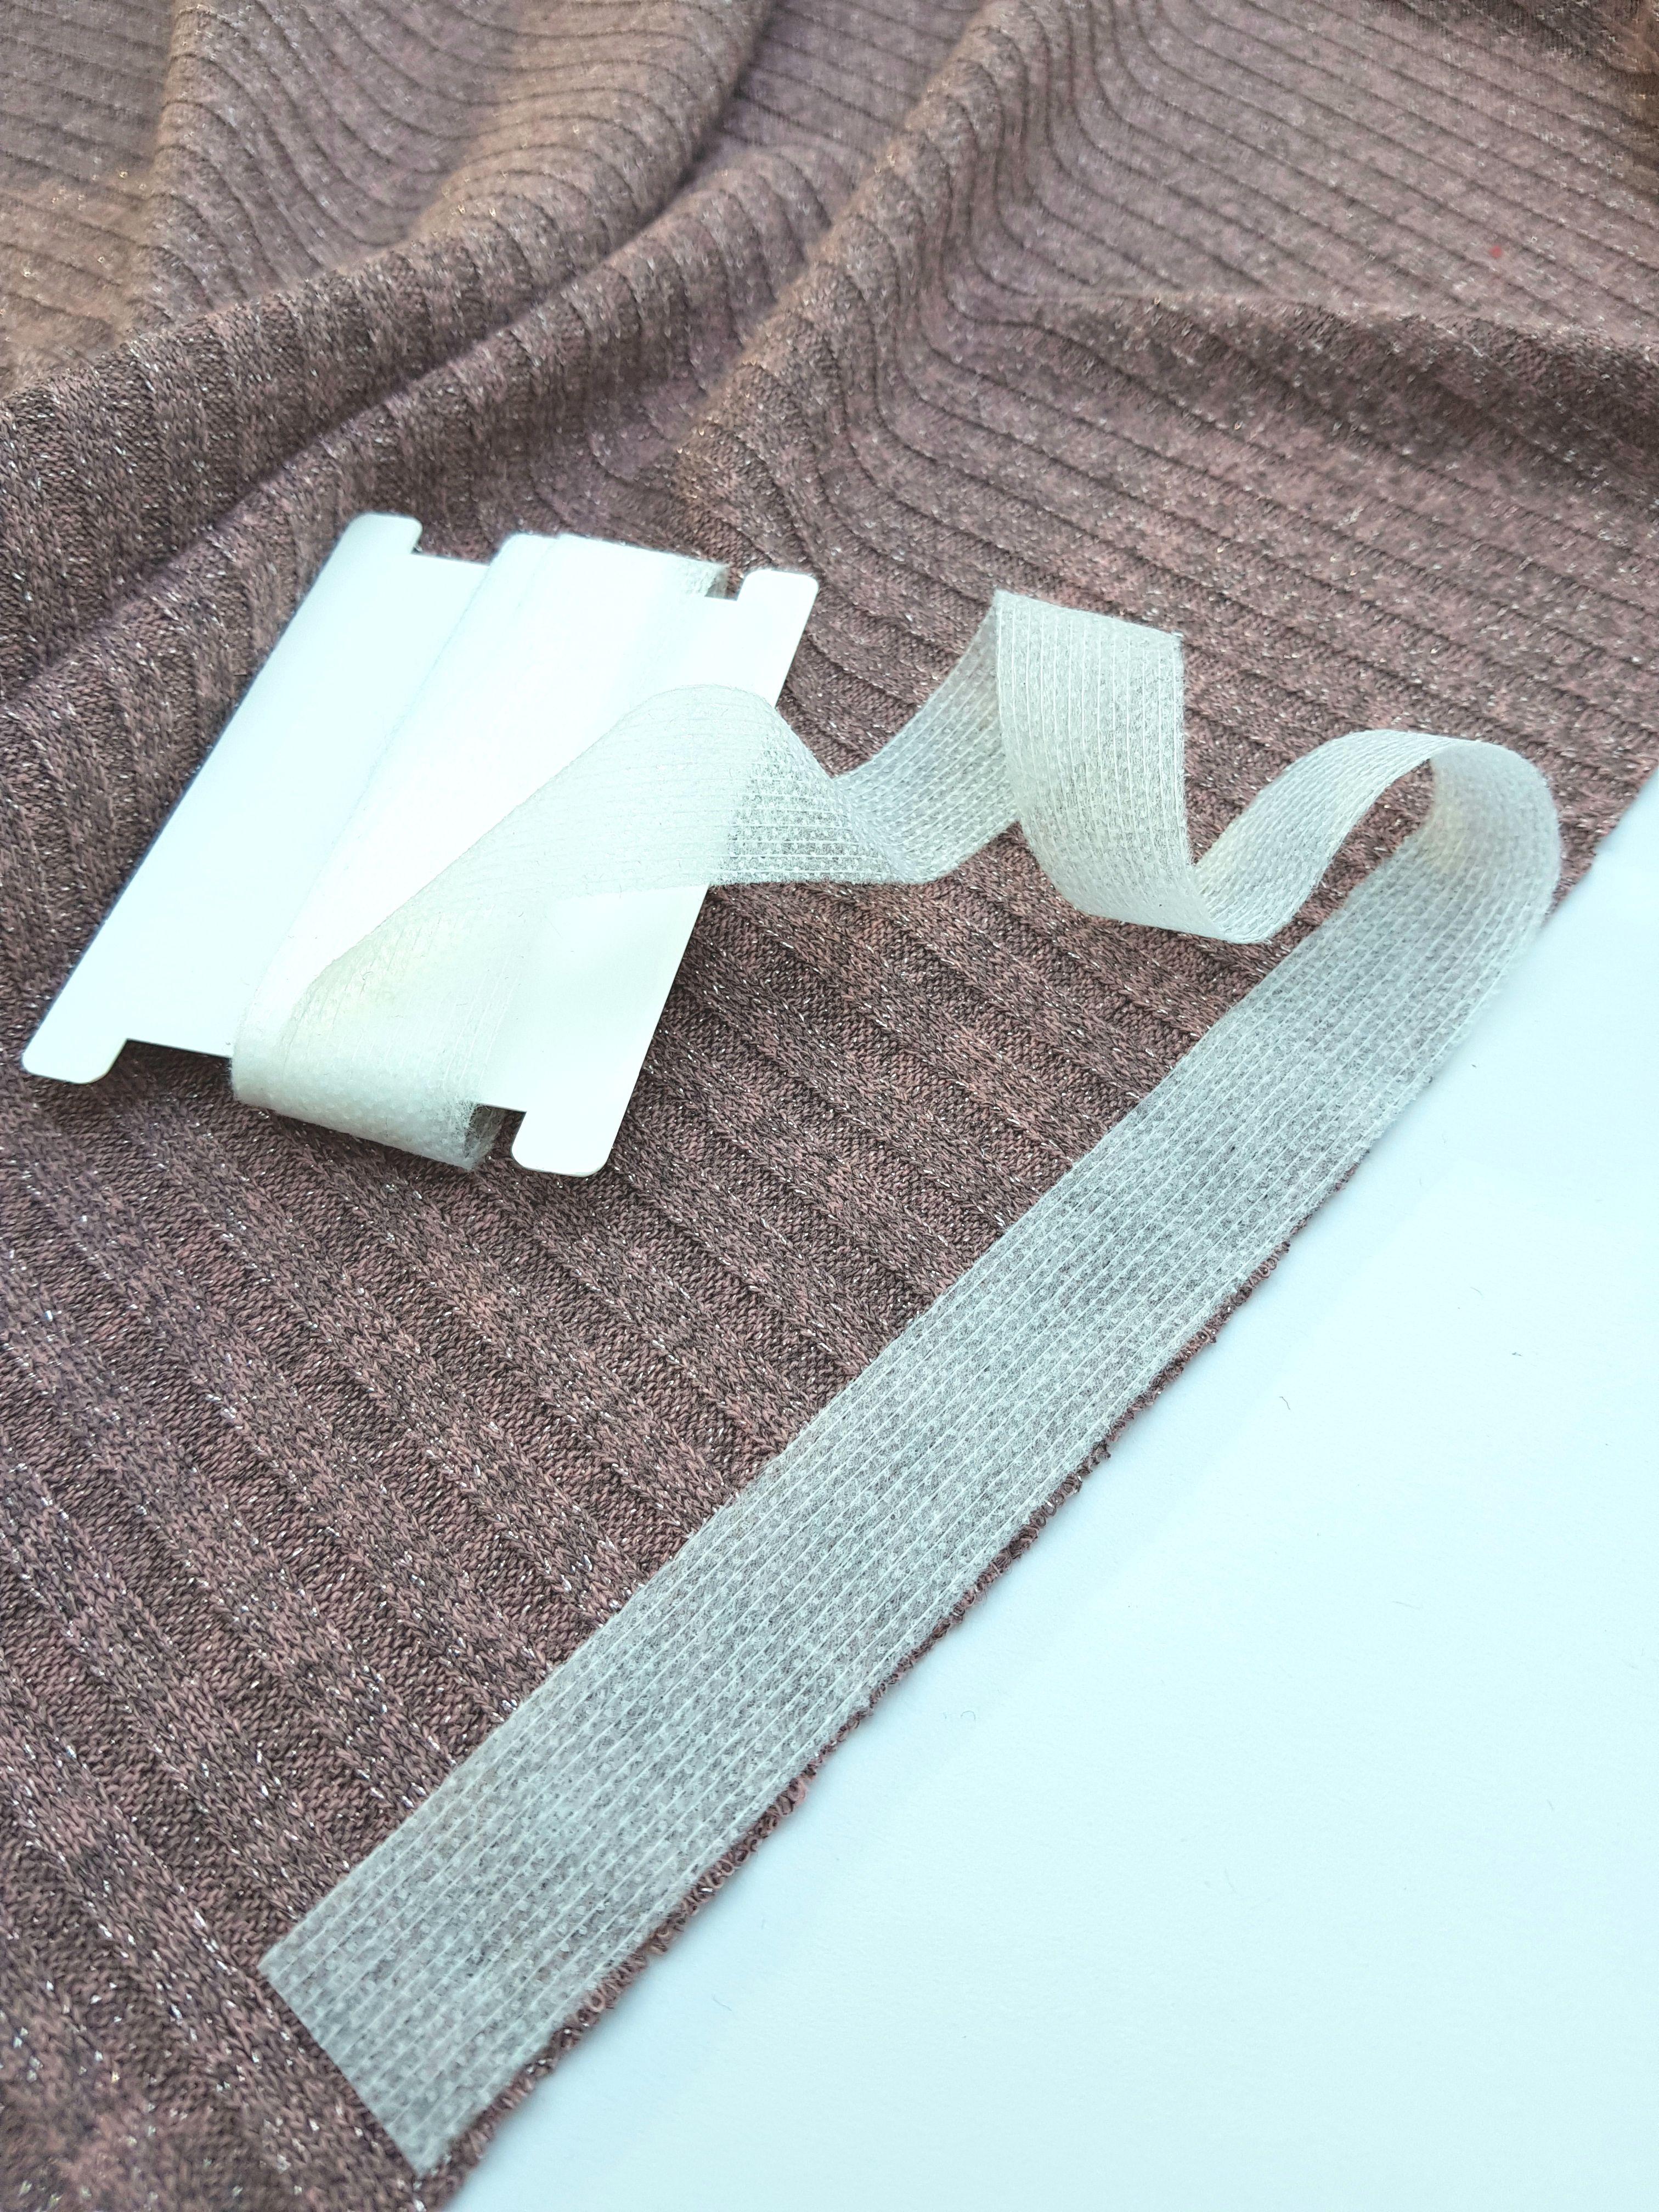 Nähen mit Strickstoffen - Wie nähe ich einen Pullover?